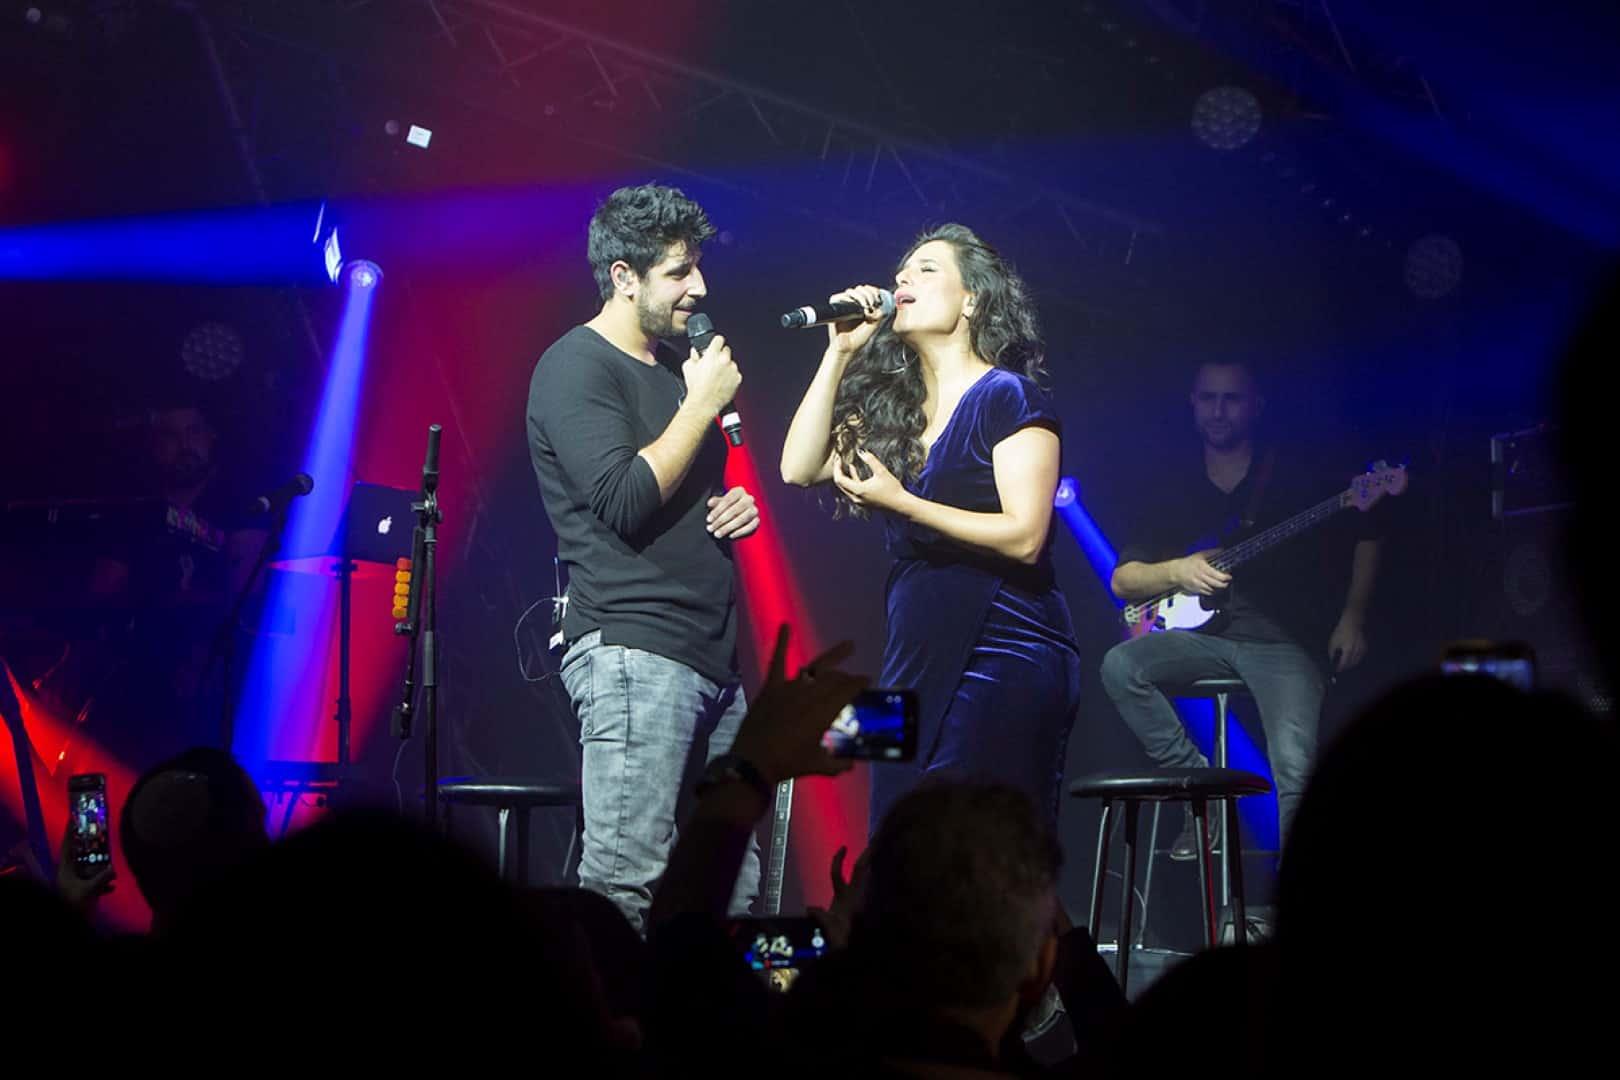 עידן עמדי ומירי מסיקה על הבמה (Large)